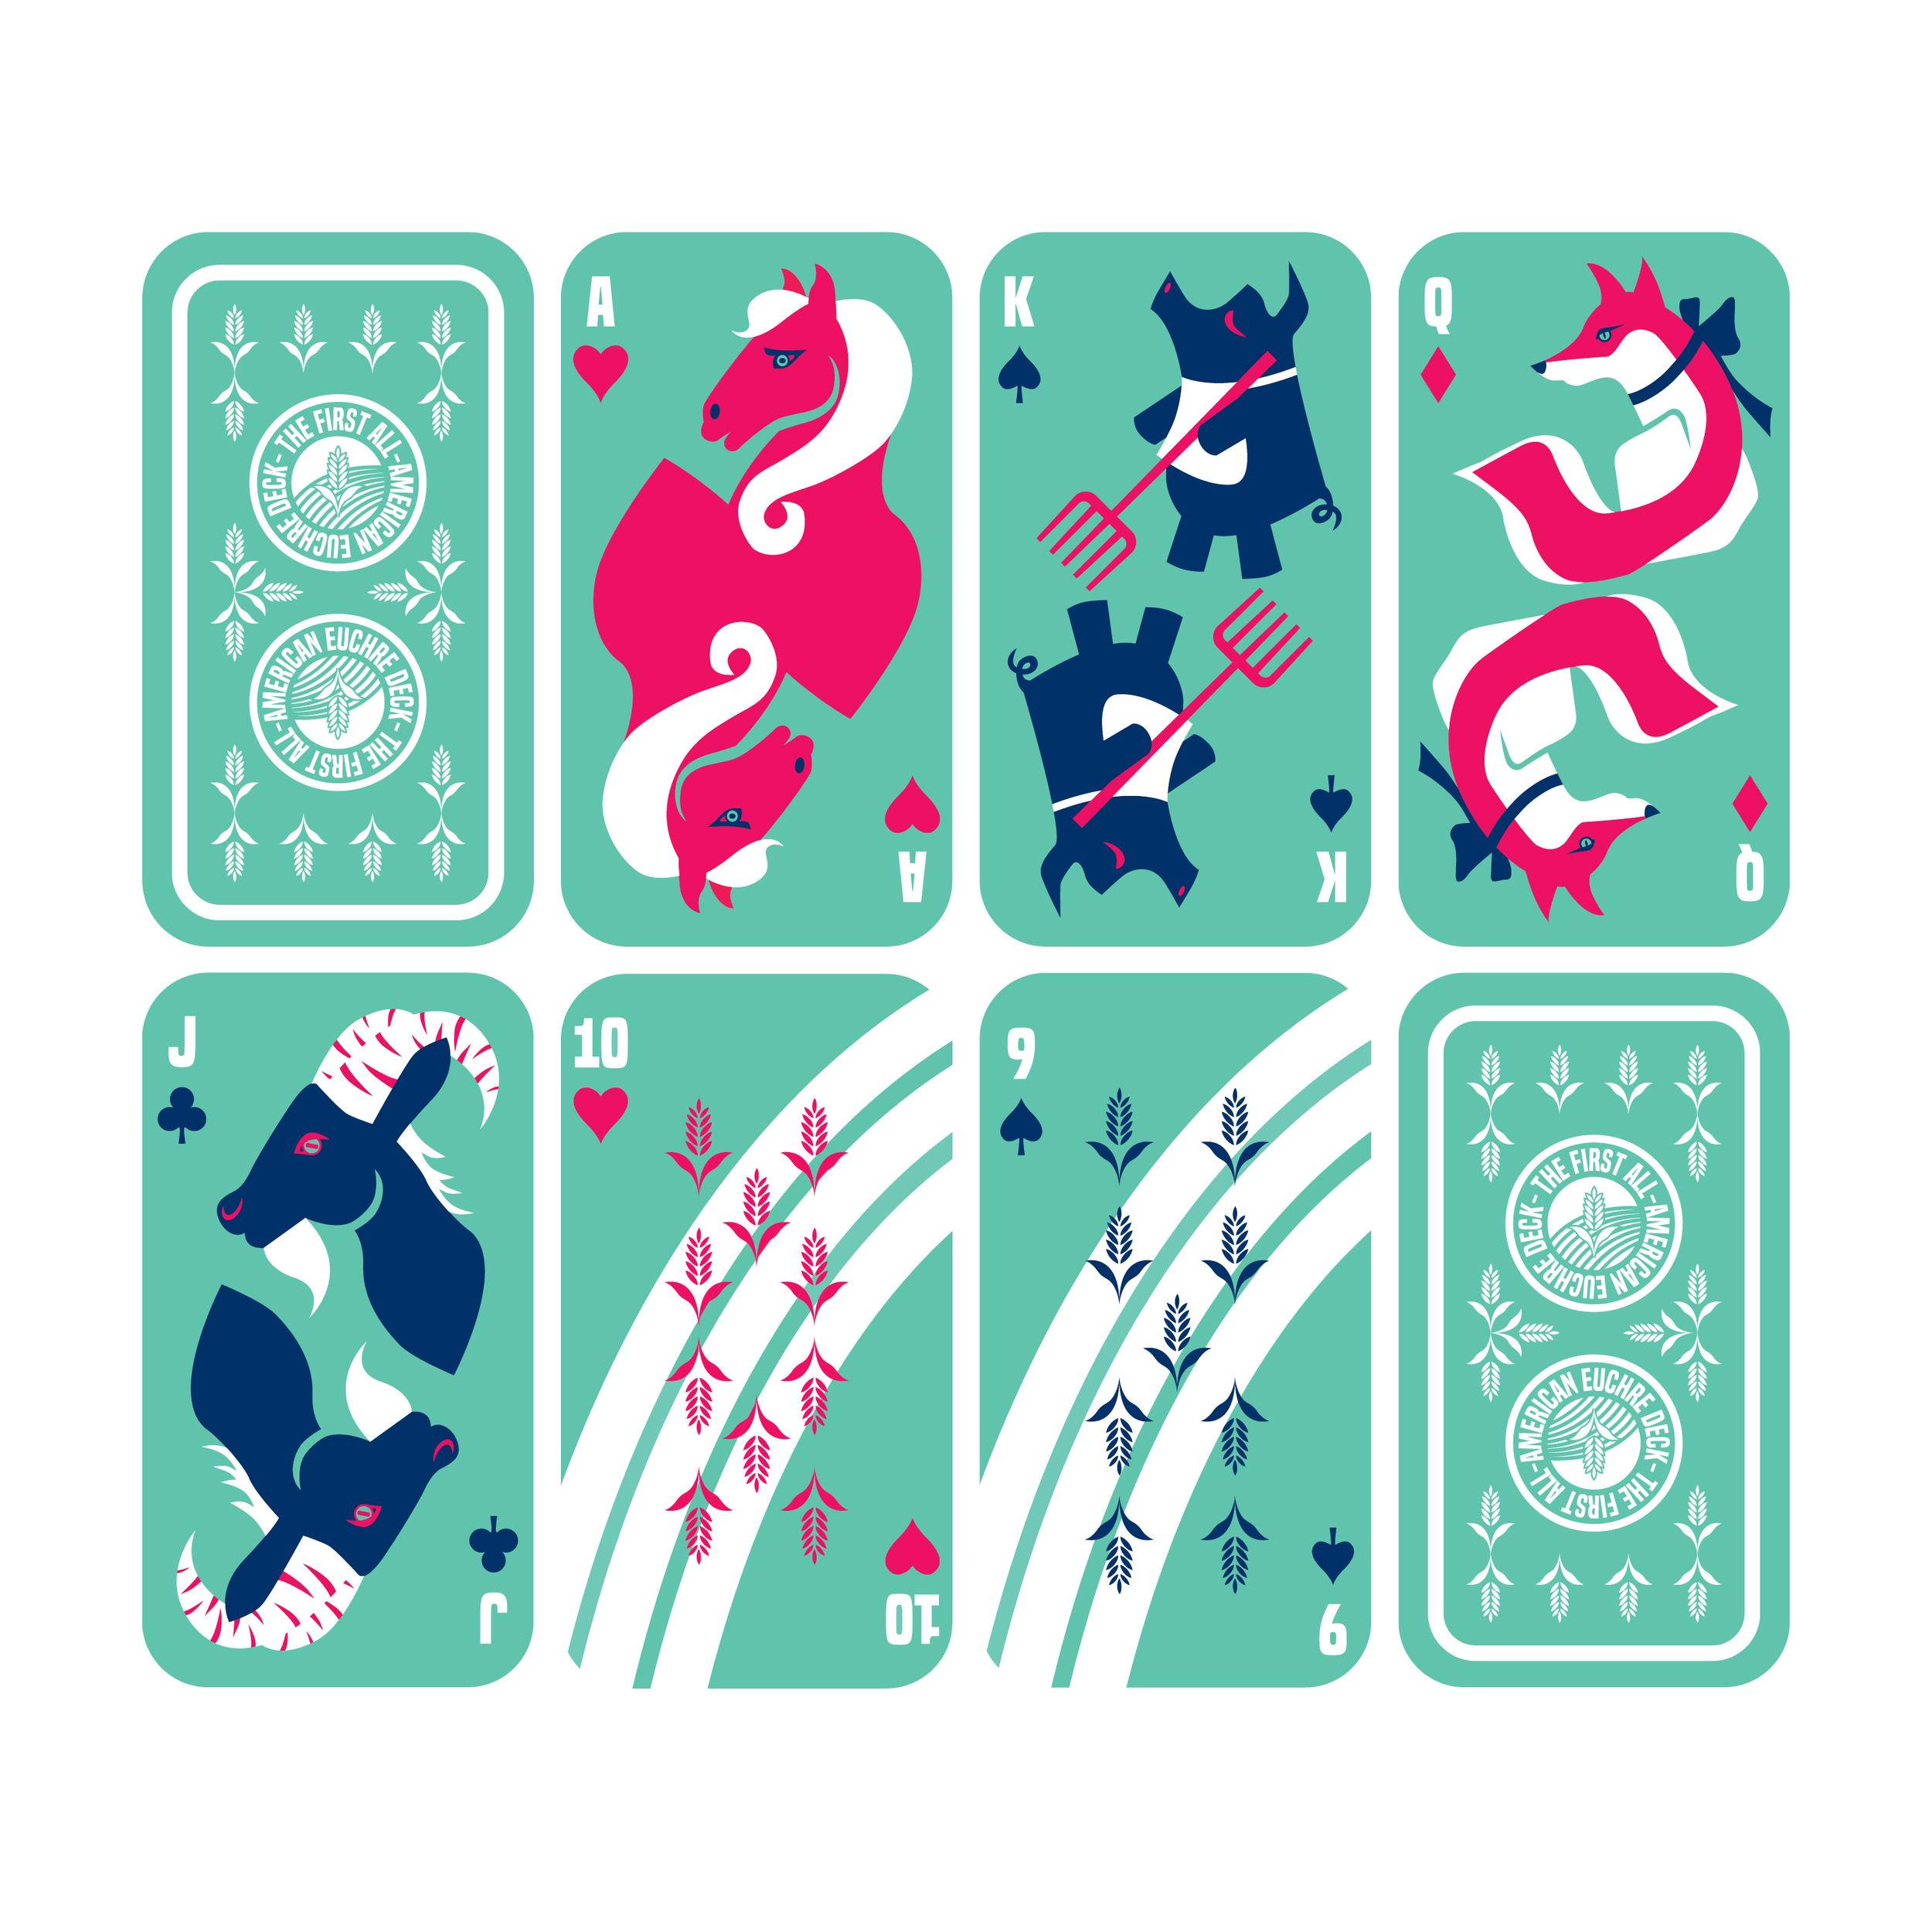 barnyardcards